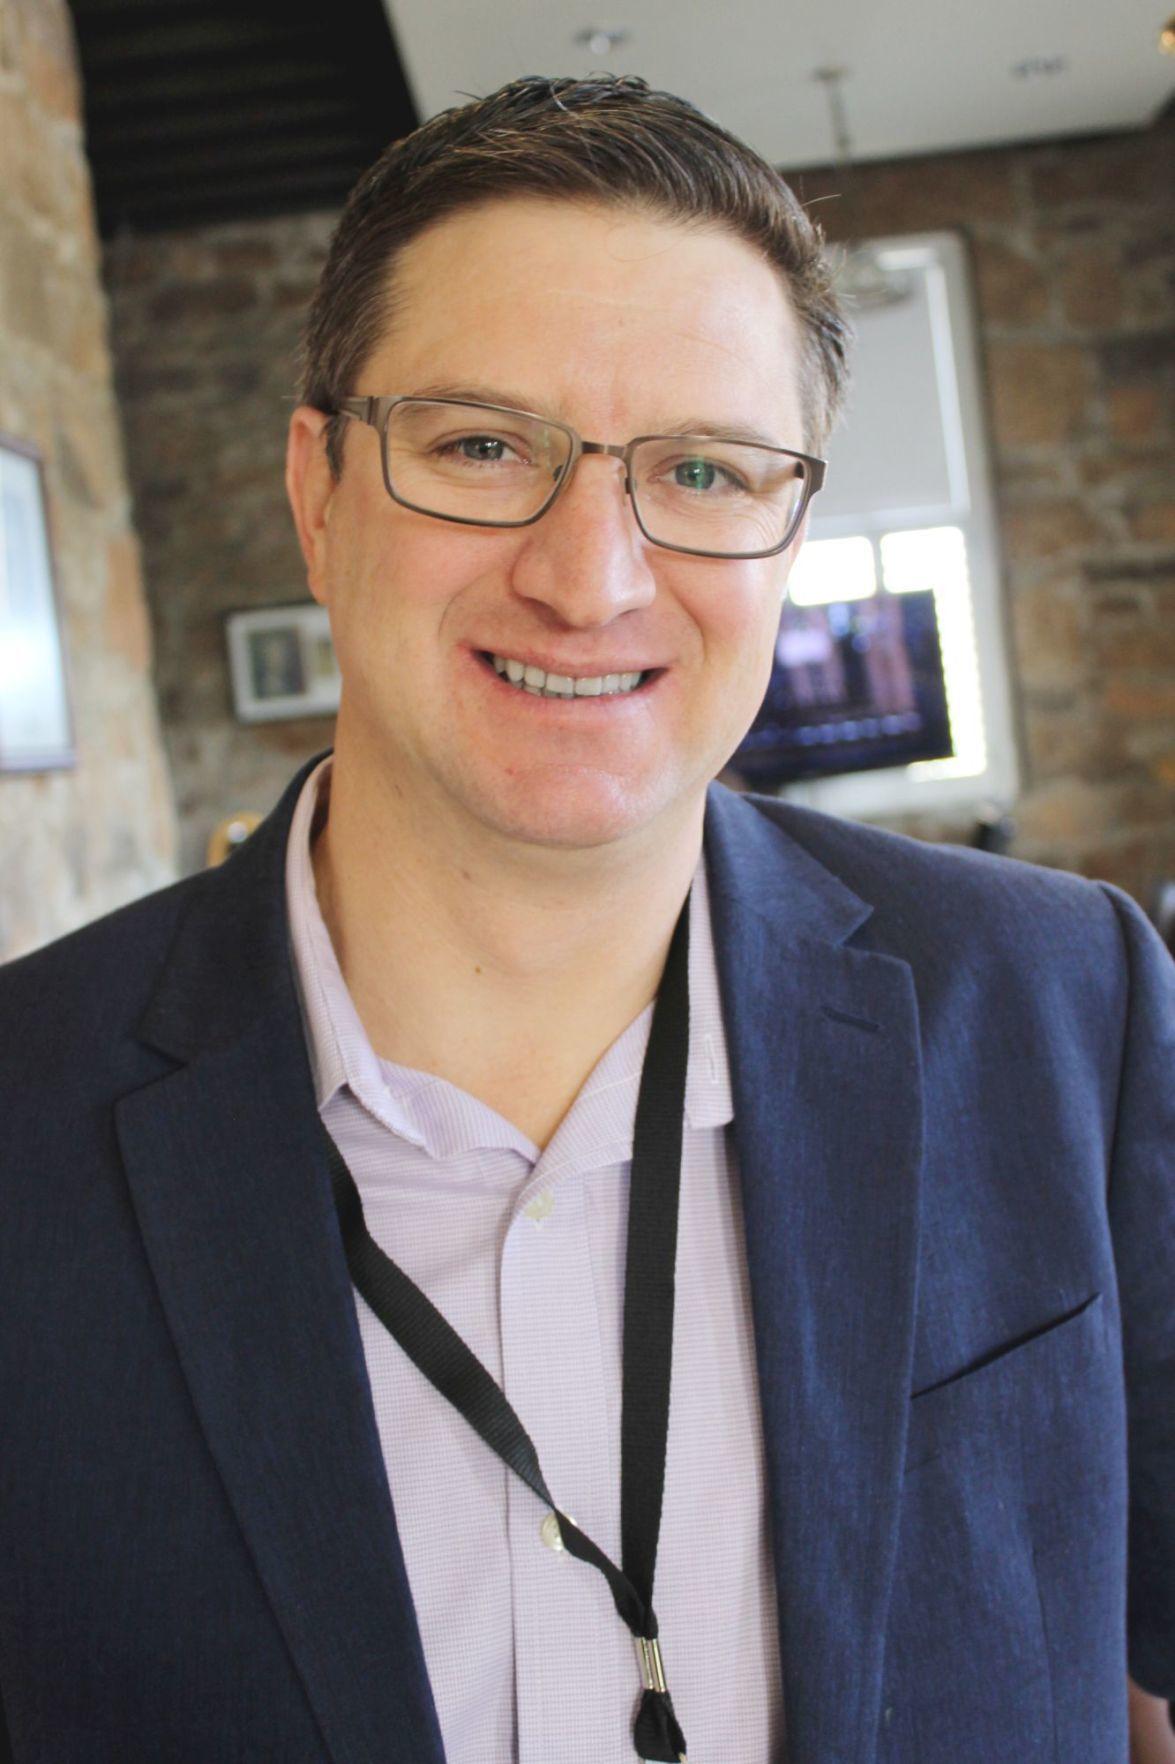 Cameron Parry